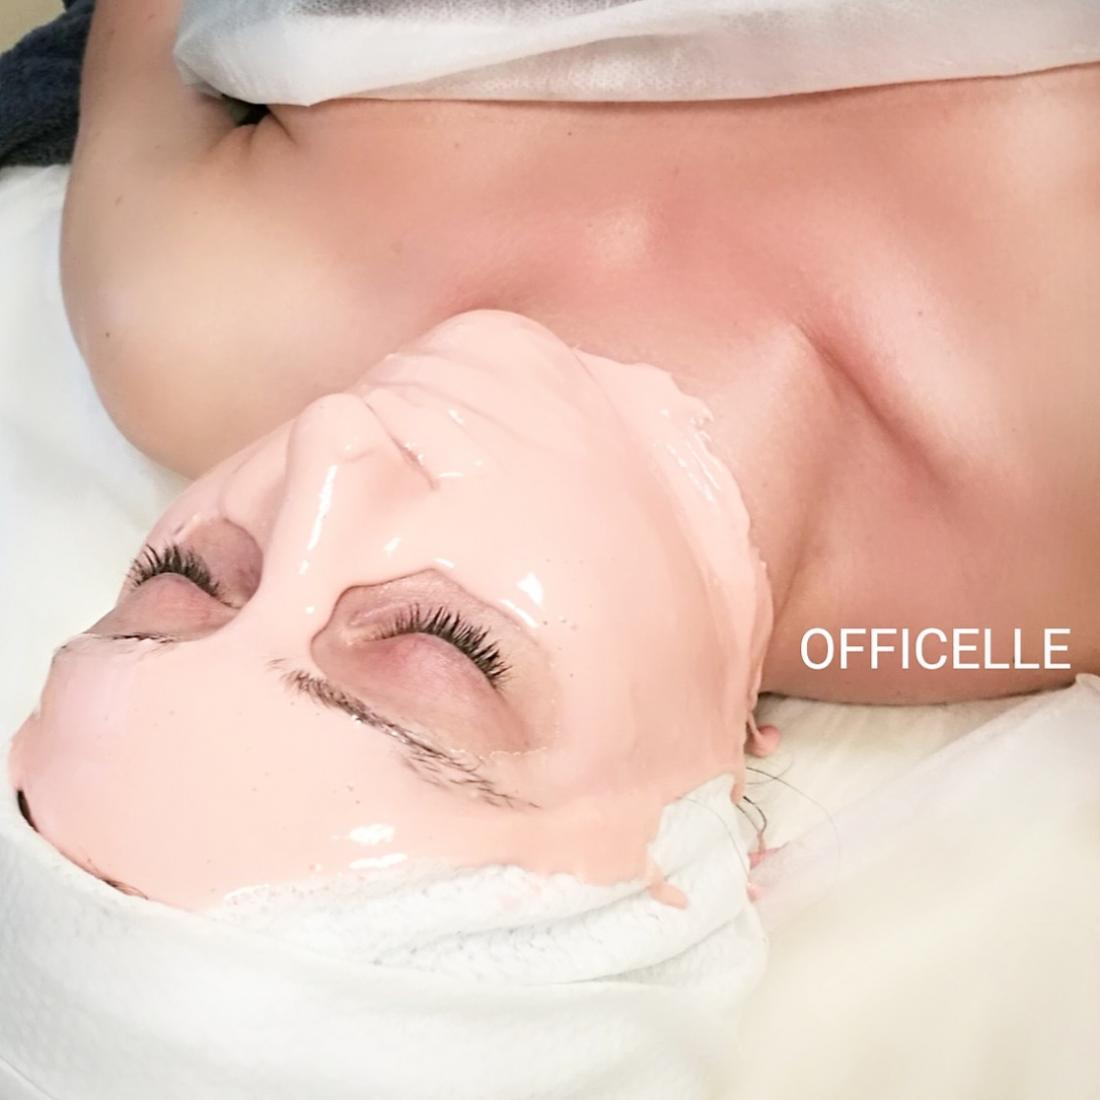 """Ультразвуковая, сахарная чистка лица и спины, карбокситерапия  от 11 руб. в салоне красоты """"Officelle"""""""